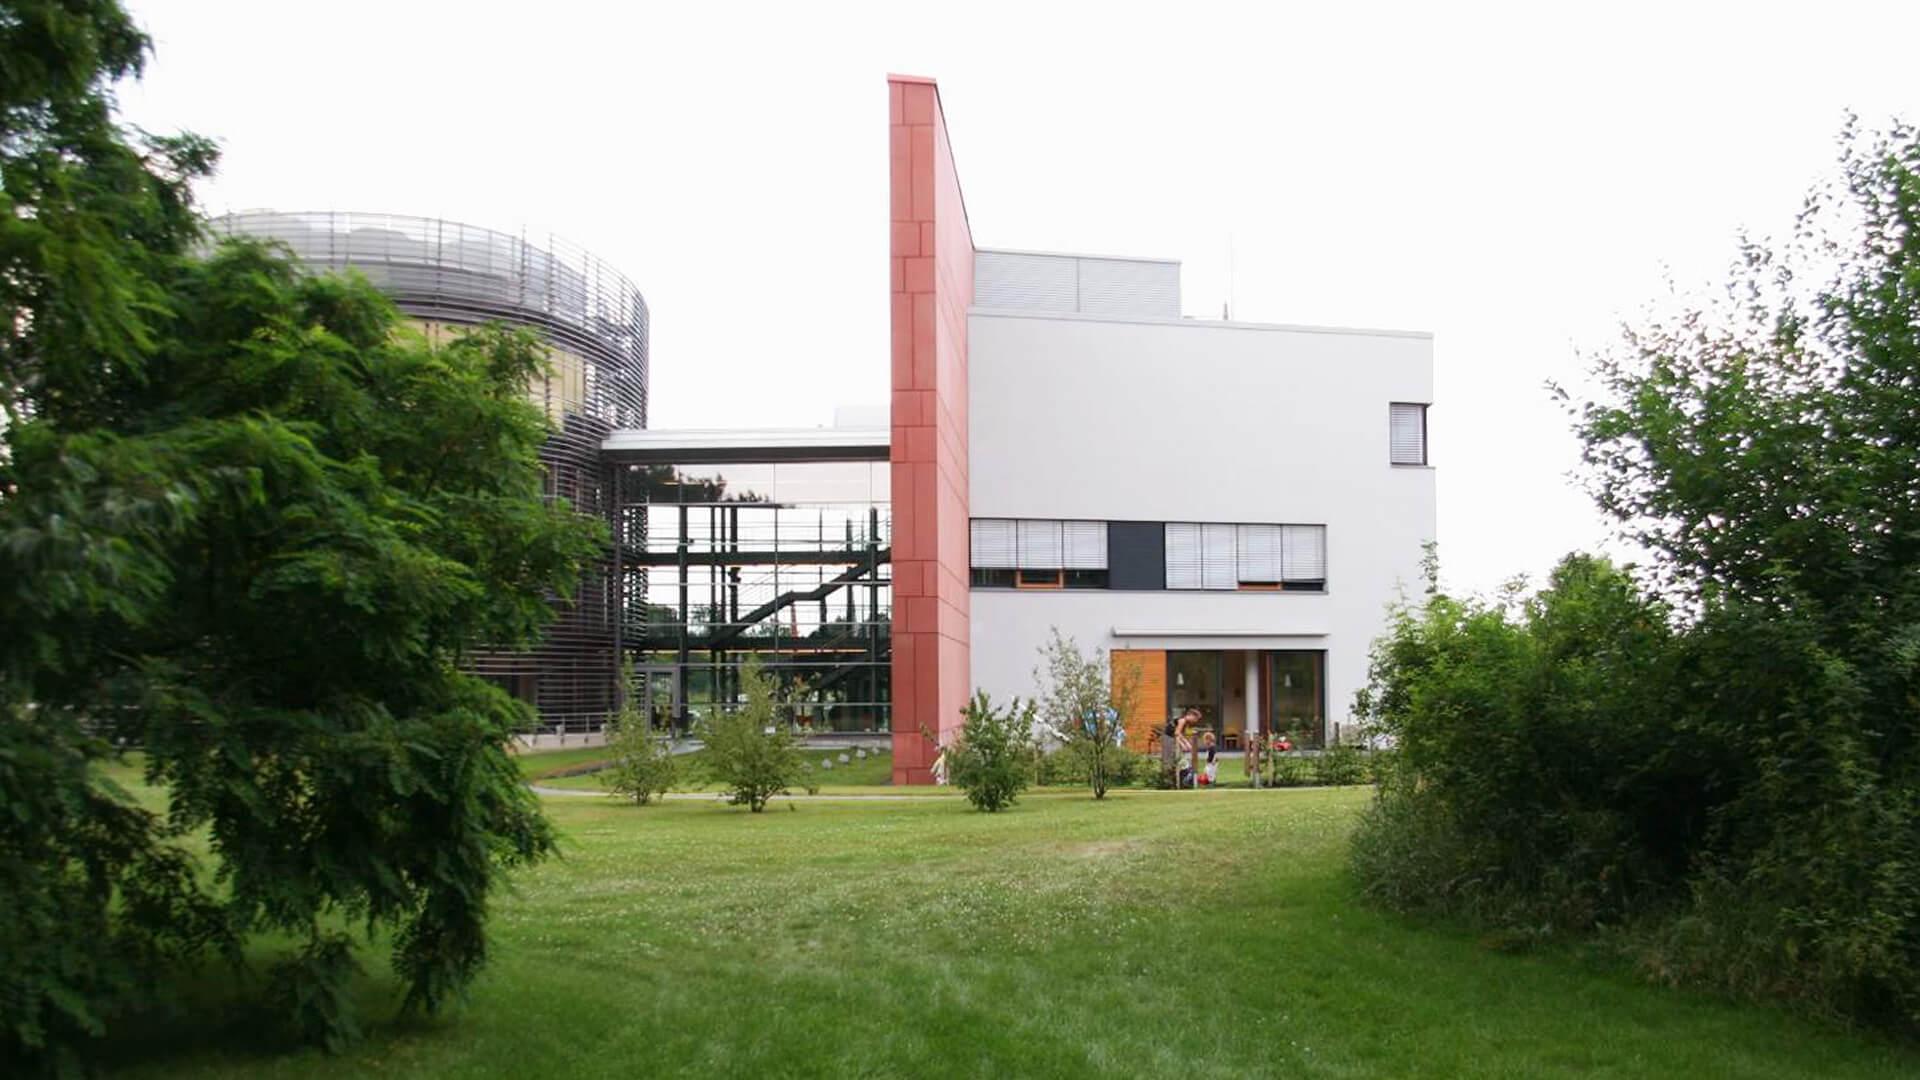 Weitläufige Wiese mit Bäumen - Diese moderne Betriebskita liegt im Grünen!